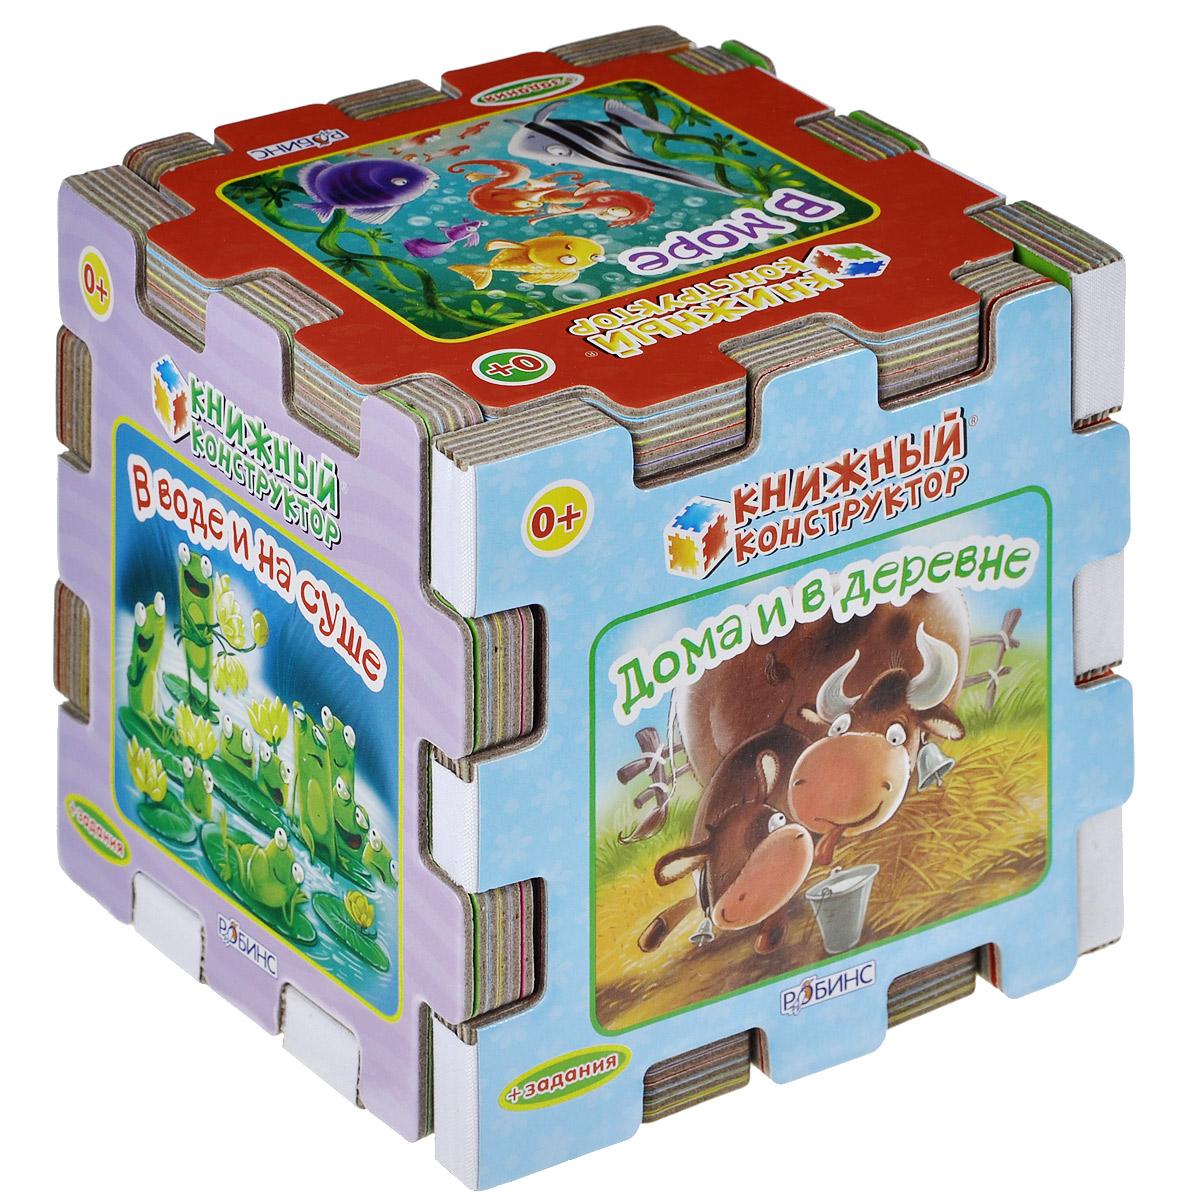 Кто где живет. Книжный конструктор (комплект из 6 книг)12296407Необычный формат книги представляет собой кубик, состоящий из шести мини- книжек в форме пазлов на разнообразные темы. Набор книг КТО ГДЕ ЖИВЕТ познакомят вашего малыша с животными мира, которые населяют разные ареалы: дикие животные Африки, птицы, животные морей и океанов, домашние животные, животные воды и суши. В каждой книжке есть стишки и задания, которые ребенку будет весело читать и выполнять! А на обороте обложки нарисованы задания-картинки, которые покажут, насколько хорошо ребенок усвоил материал. Кто, где живет - книга, которая входит в серию Книжный конструктор. Это необычный набор книг для игры и развития! В чем особенность книги: Кто, где живет - это не обычная книга, или набор книжек, а книжный конструктор. Это уникальная конструкция книги, которая была разработана и запатентована издательством Робинс. Книжный конструктор представляет собой 6 небольших книжек, выполненных в форме пазлов, которые можно собрать в...